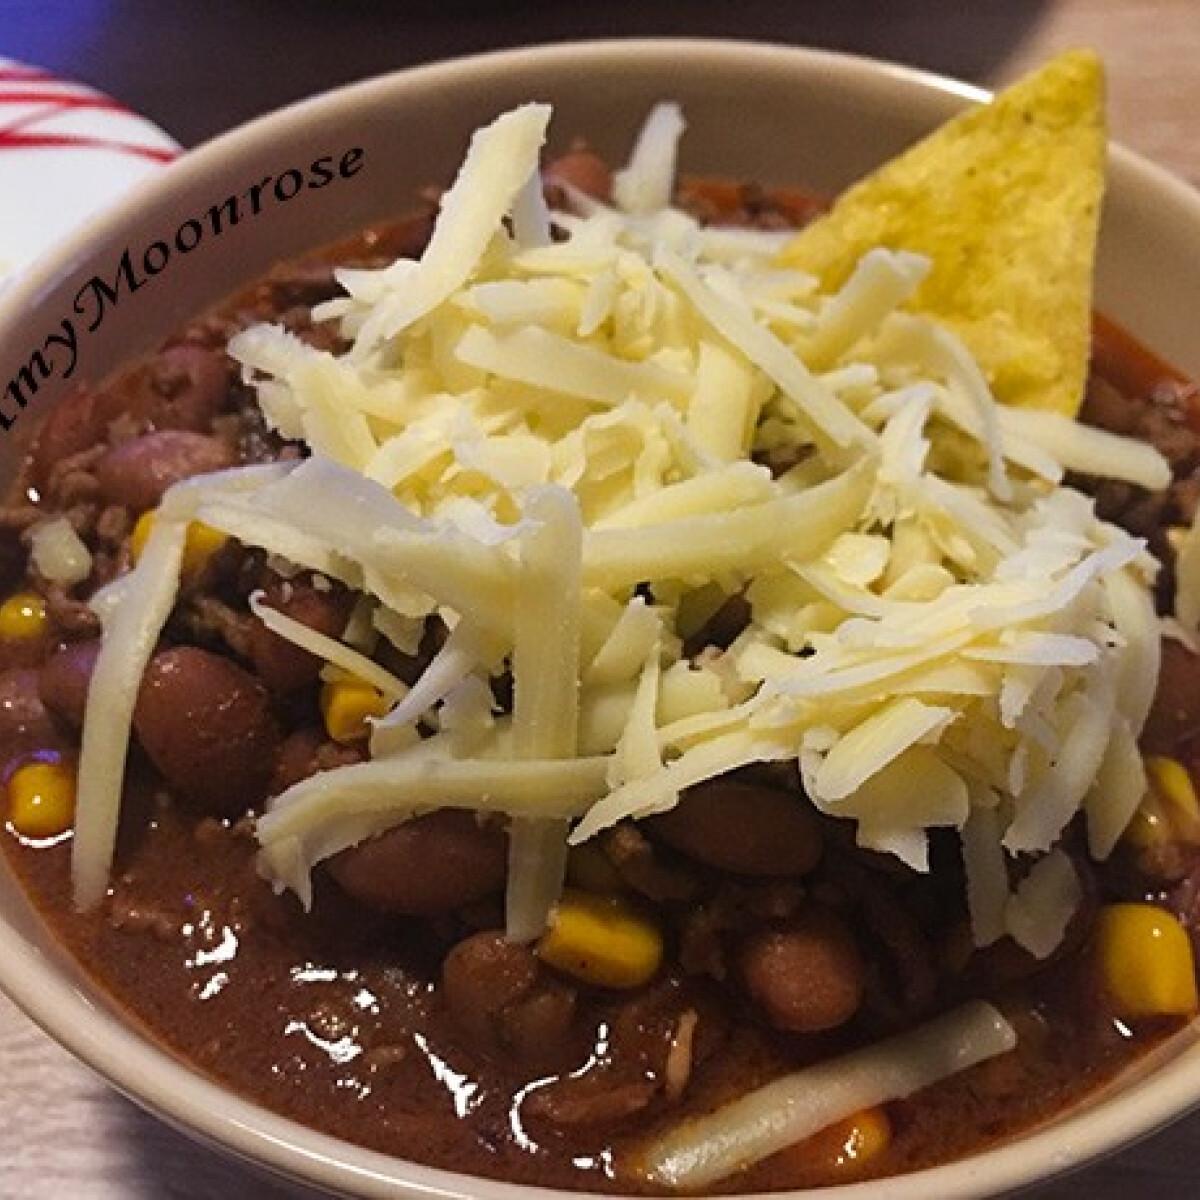 Ezen a képen: Chili con carne Amy Moonrose konyhájából